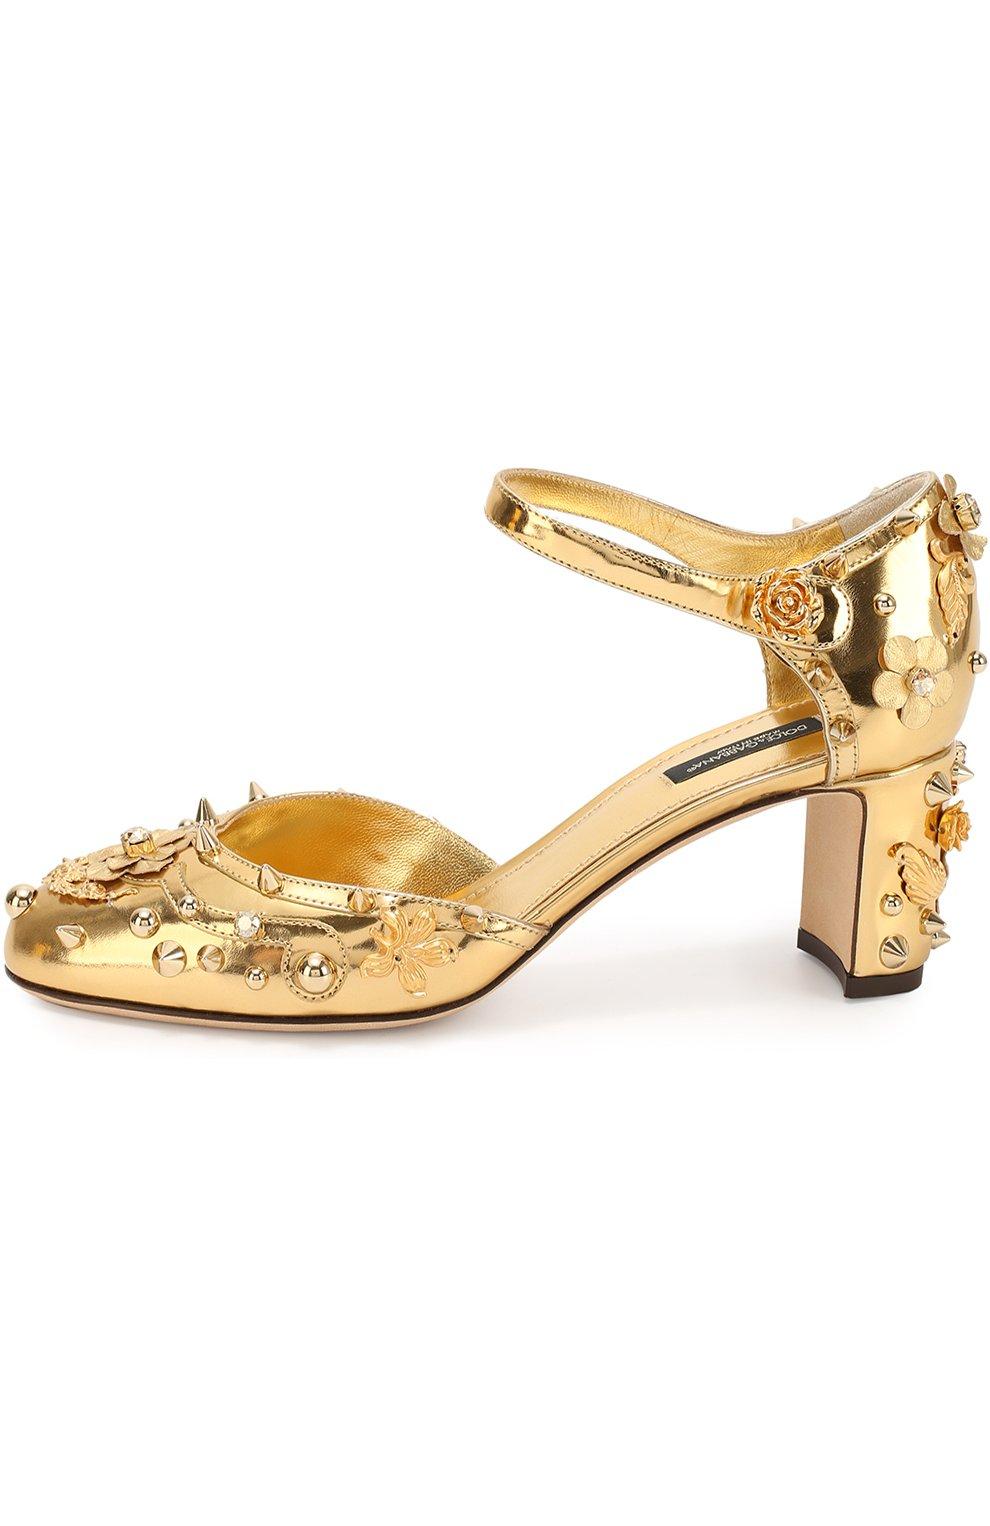 Туфли Vally из металлизированной кожи с декором | Фото №3